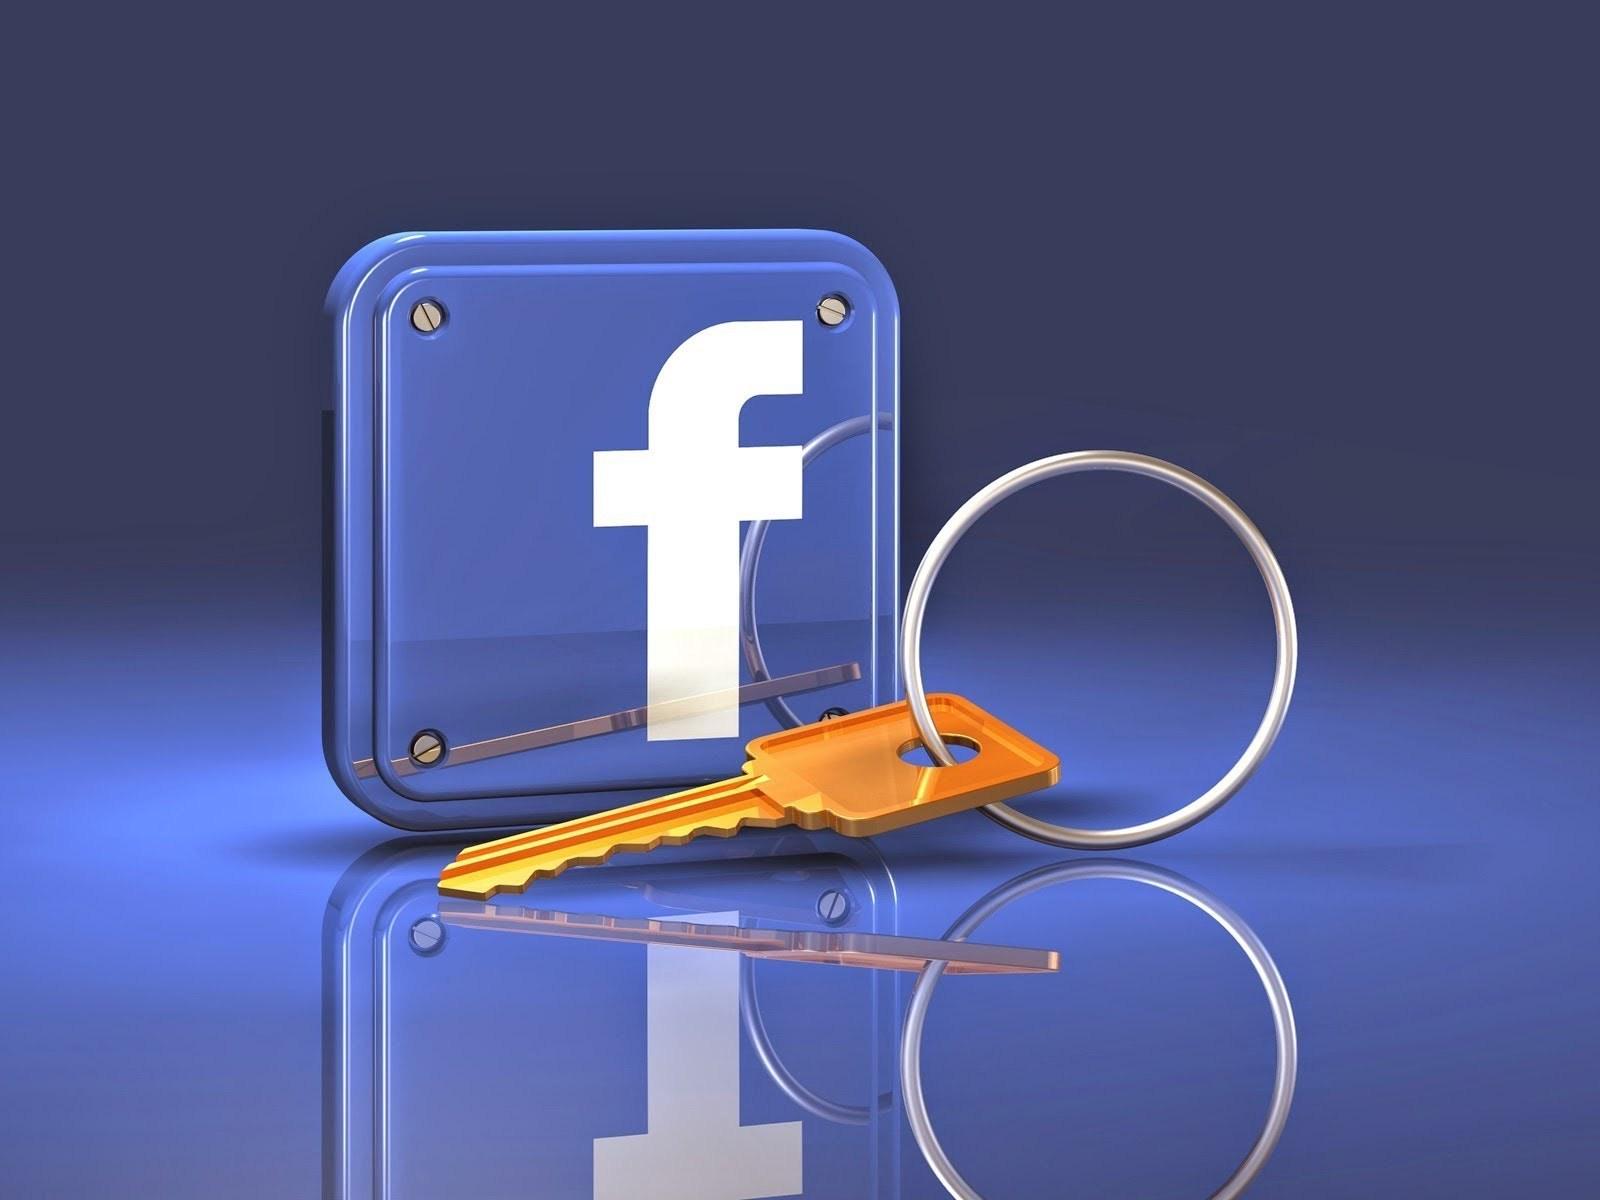 không đăng nhập được facebook